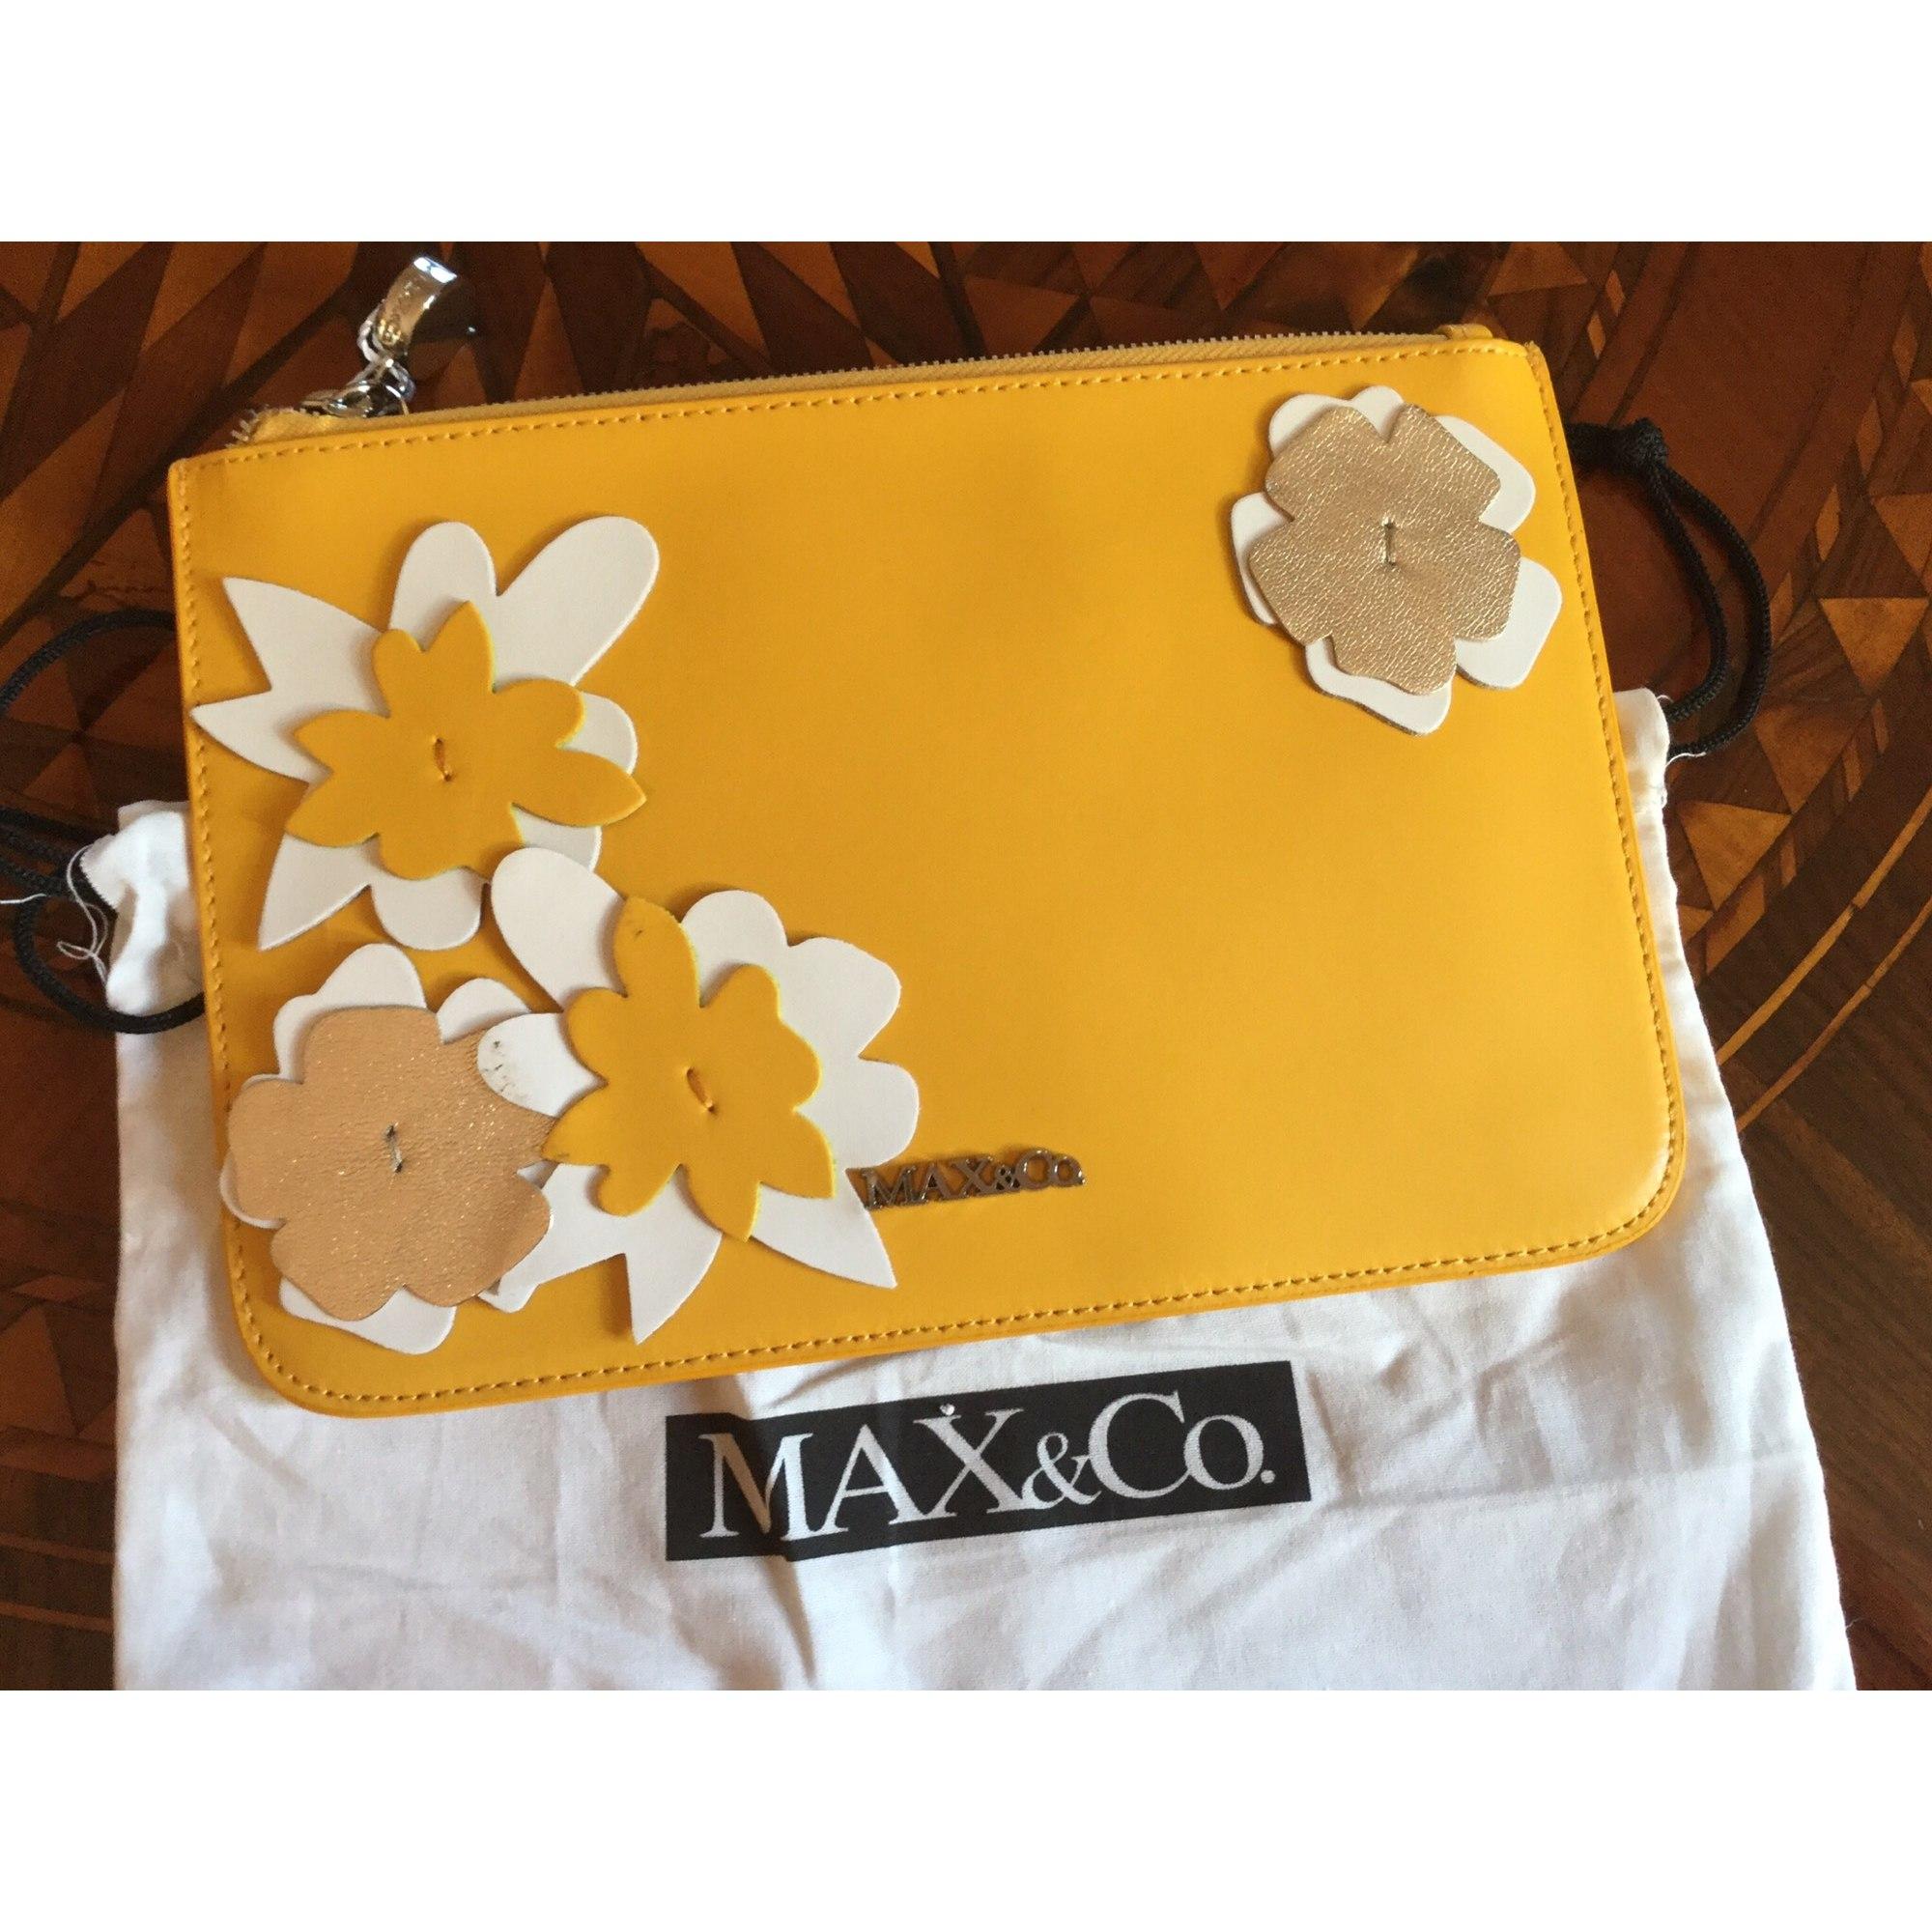 Sac pochette en cuir MAX & CO cuir jaune